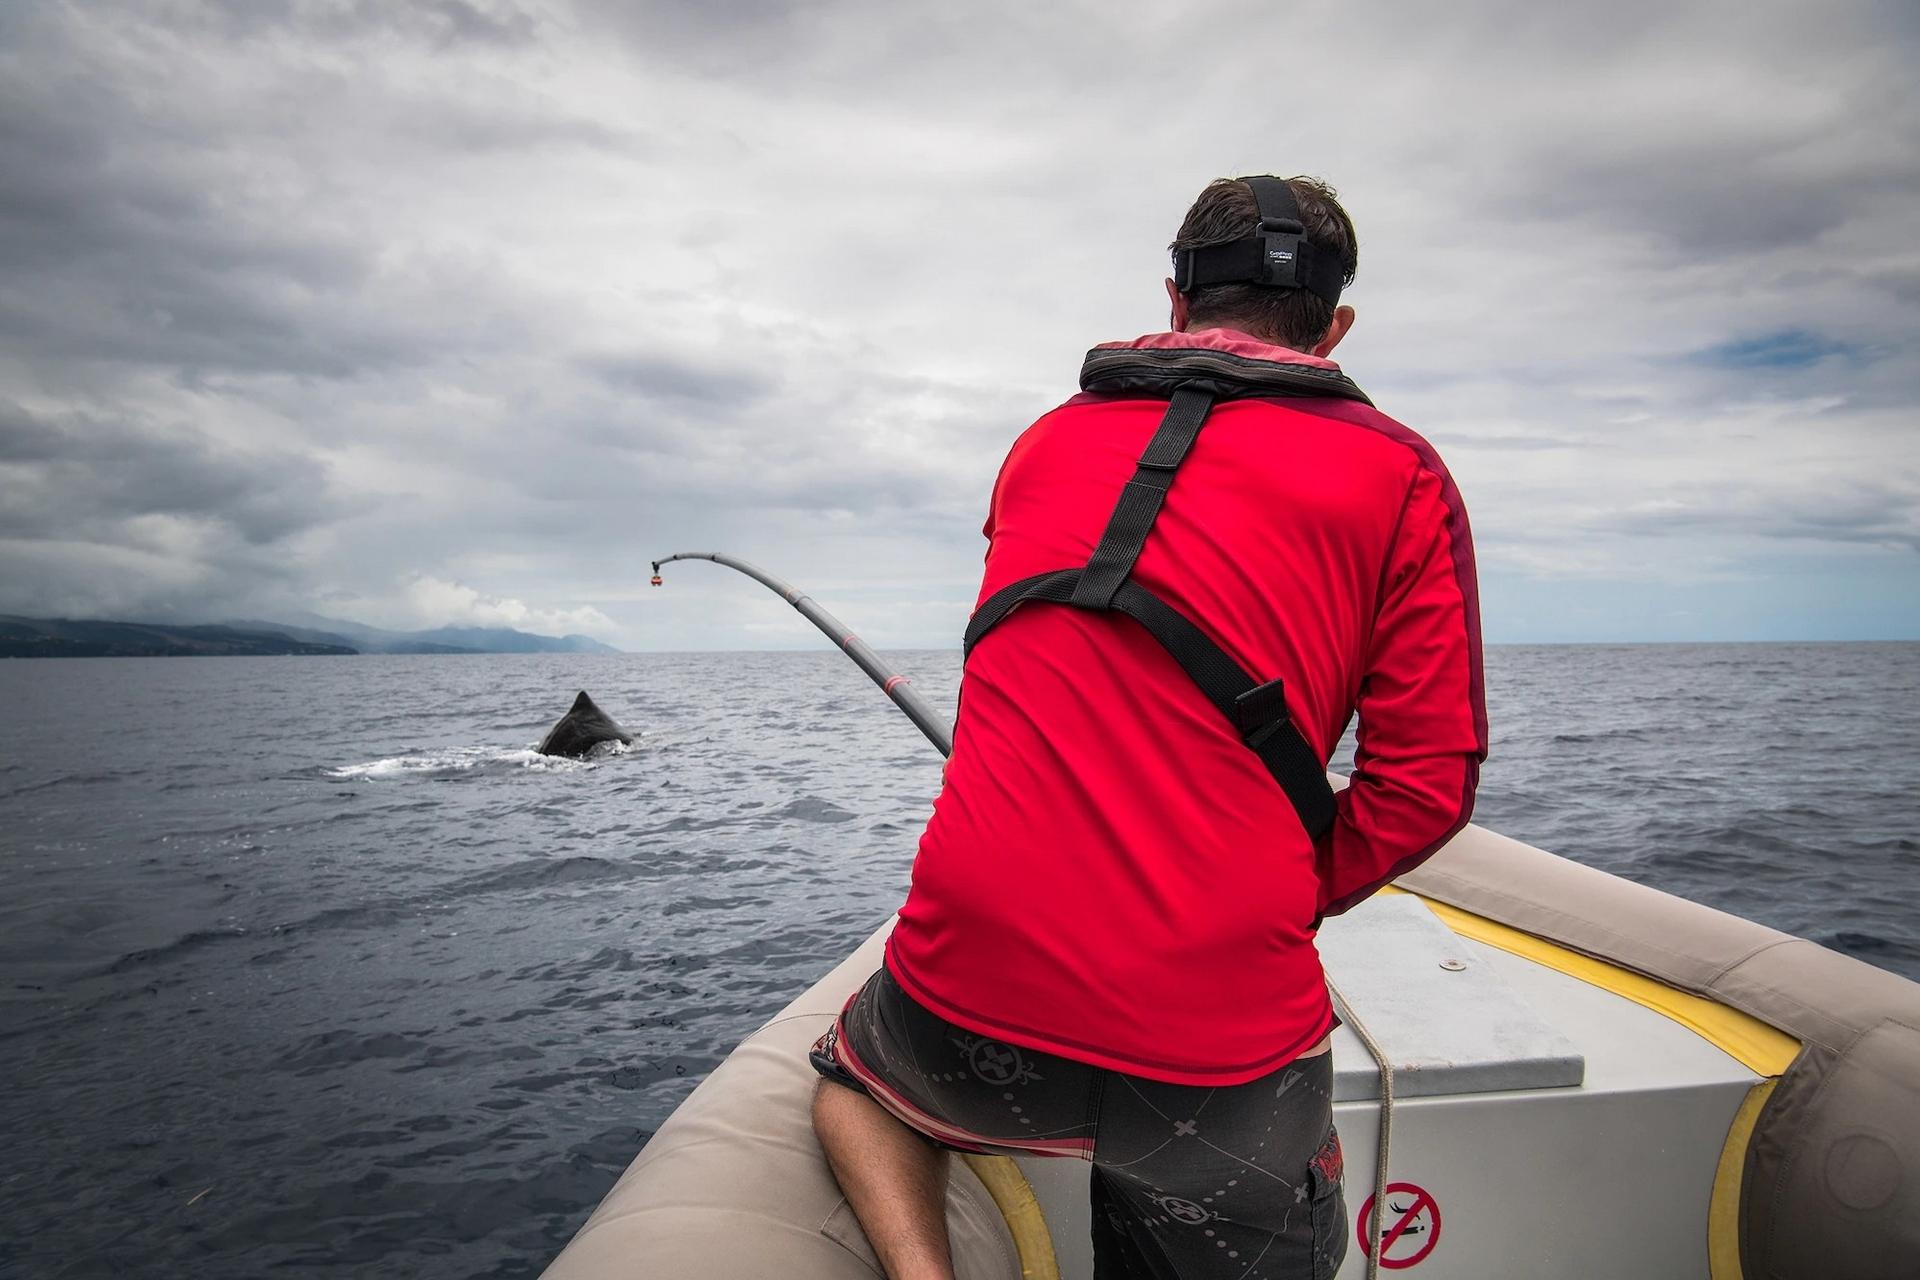 葛洛在標記一隻抹香鯨,他從2005年就在這個區域研究鯨魚。他發現了鯨魚的獨特文化乃至祖先傳統的不同層面。他把行為定義為牠們做了「什麼」,把文化定義為牠們「如何」做出行為。PHOTOGRAPH BY BRIAN SKERRY